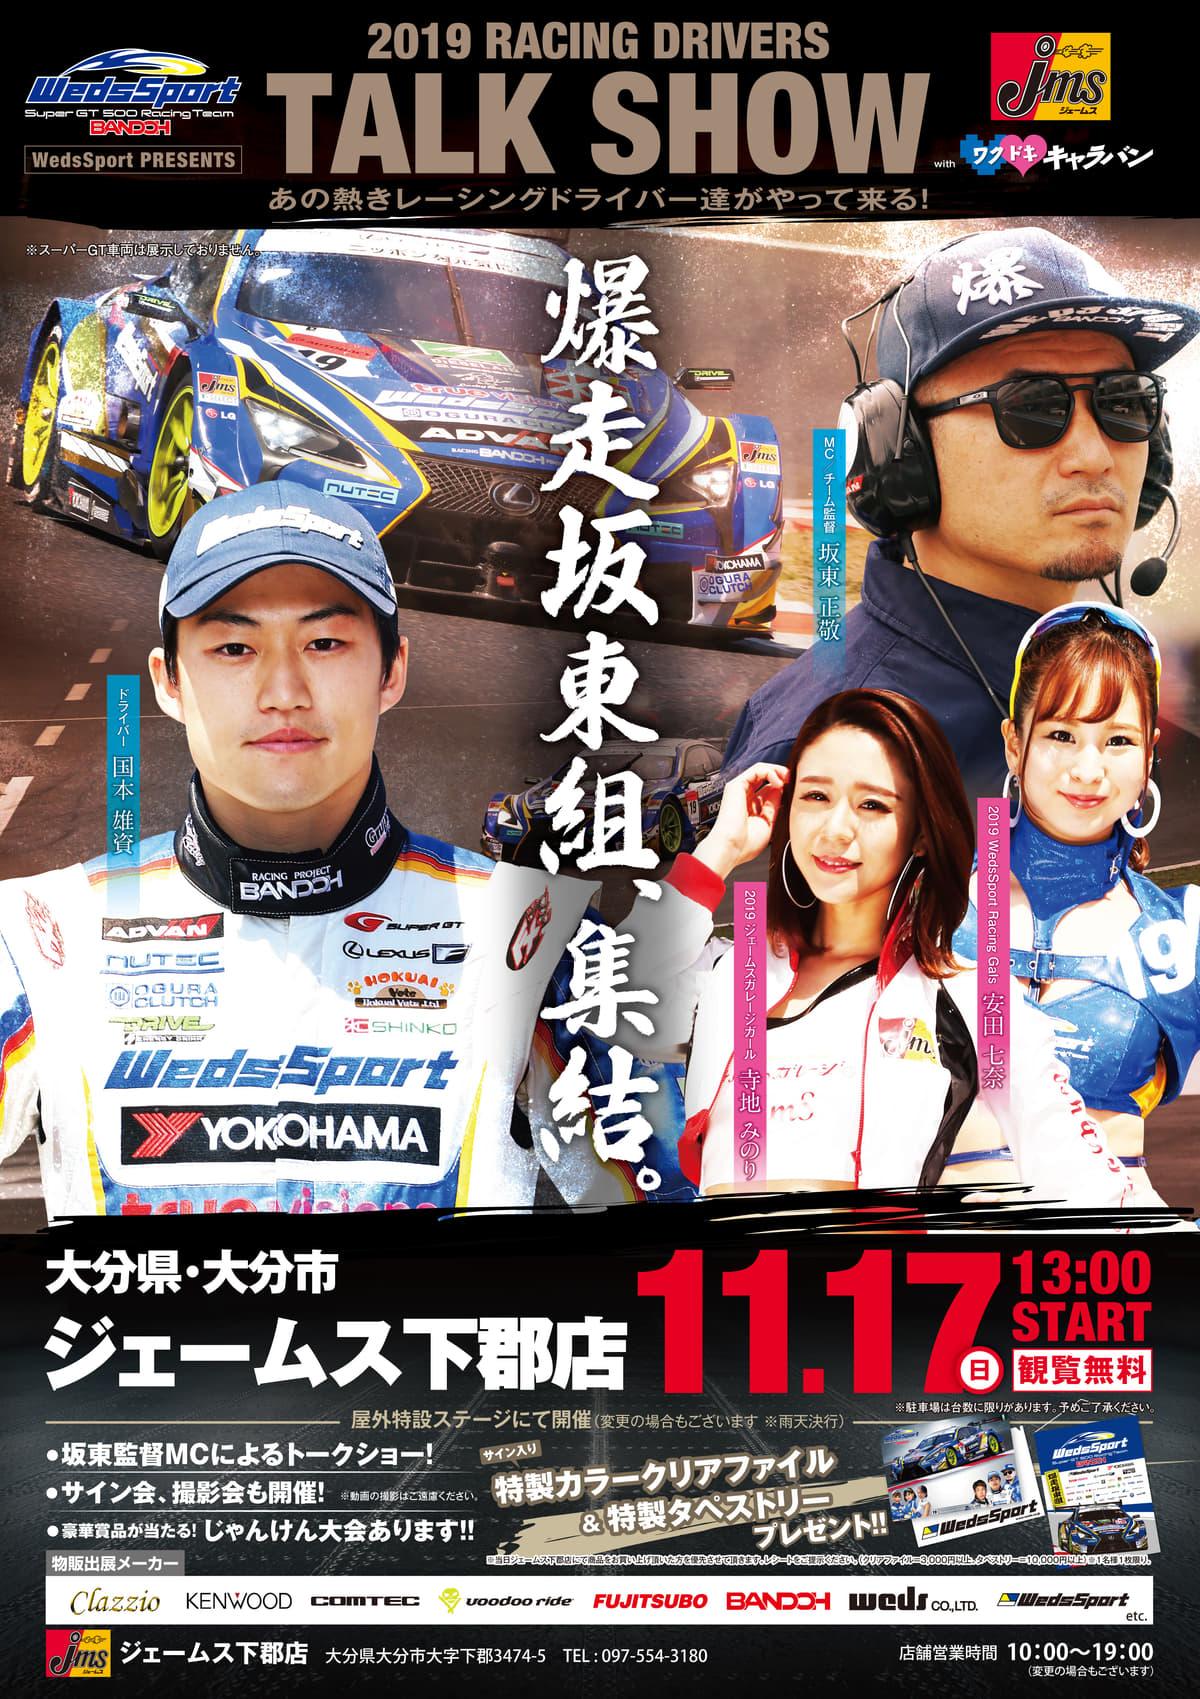 11月17日、大分県にSUPER GTレーシングドライバーたちがやって来る!